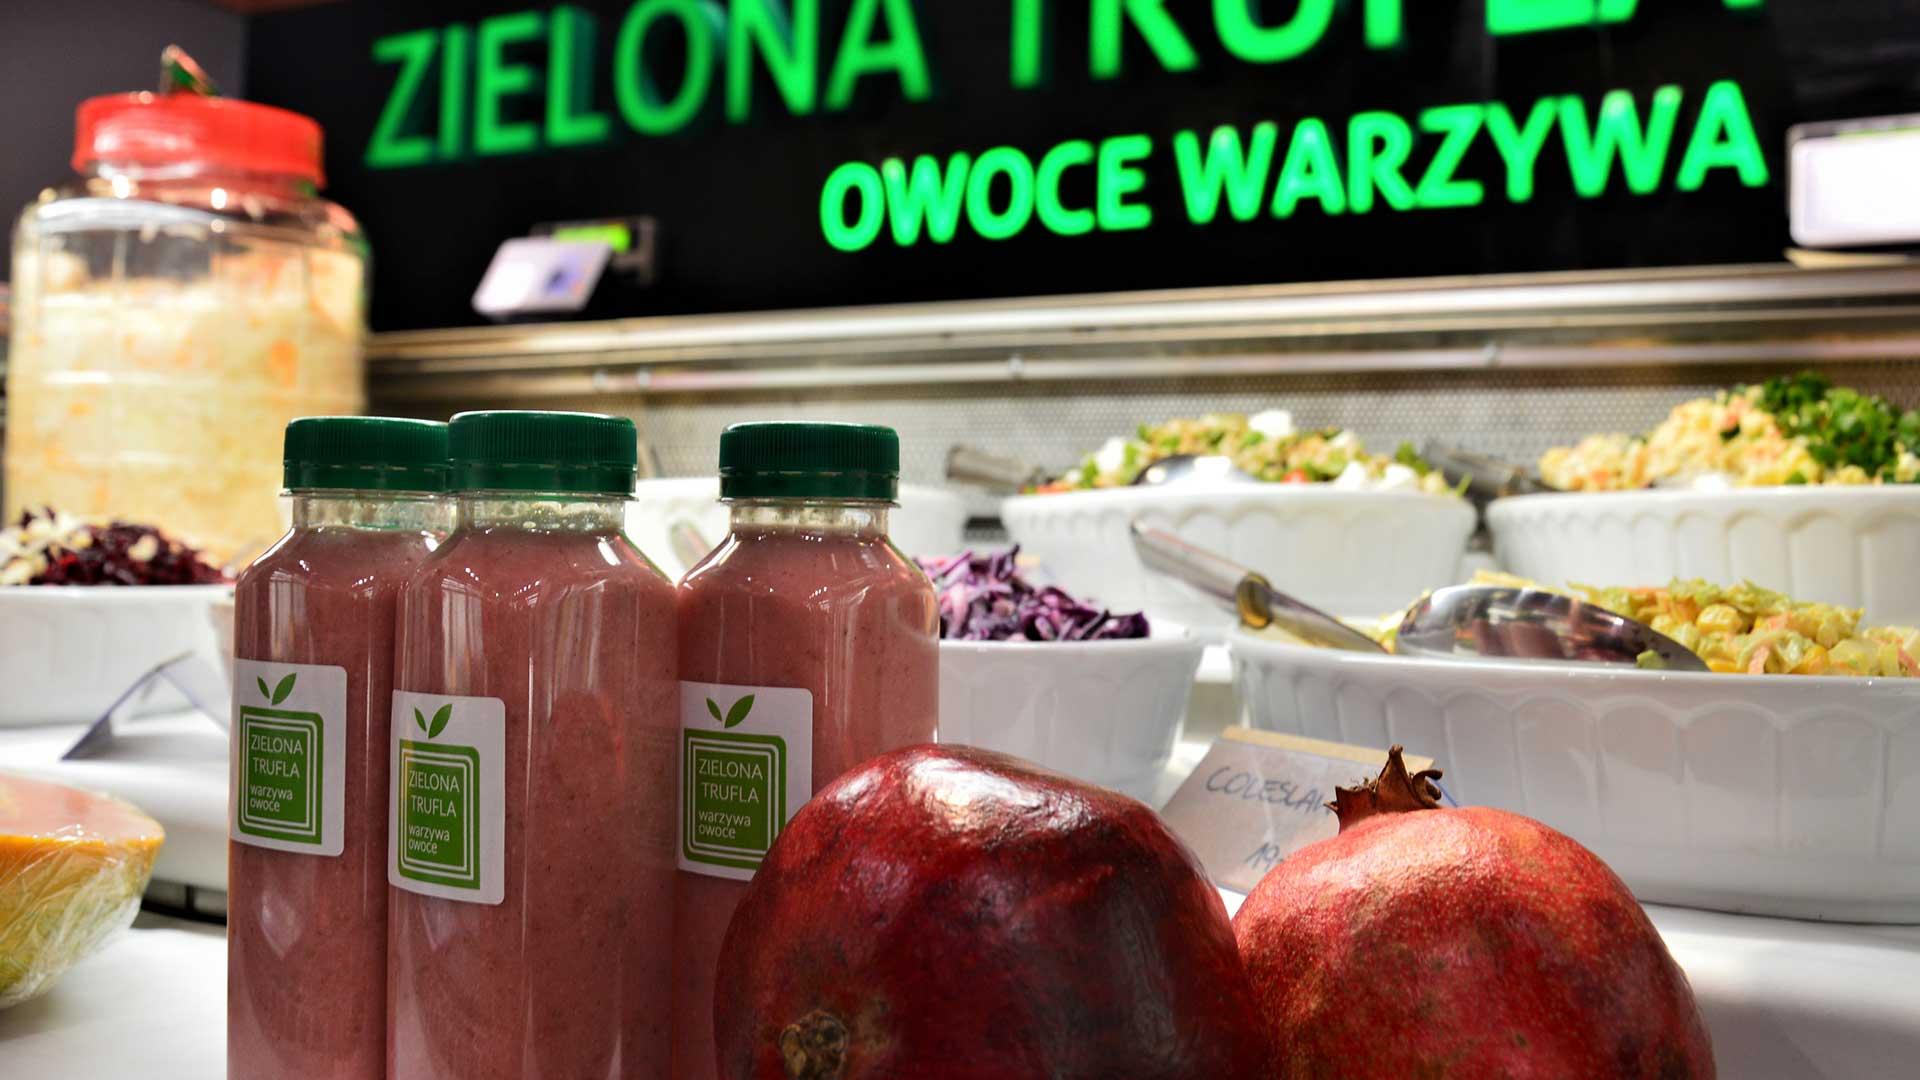 Zielona-Trufla-Produkty1